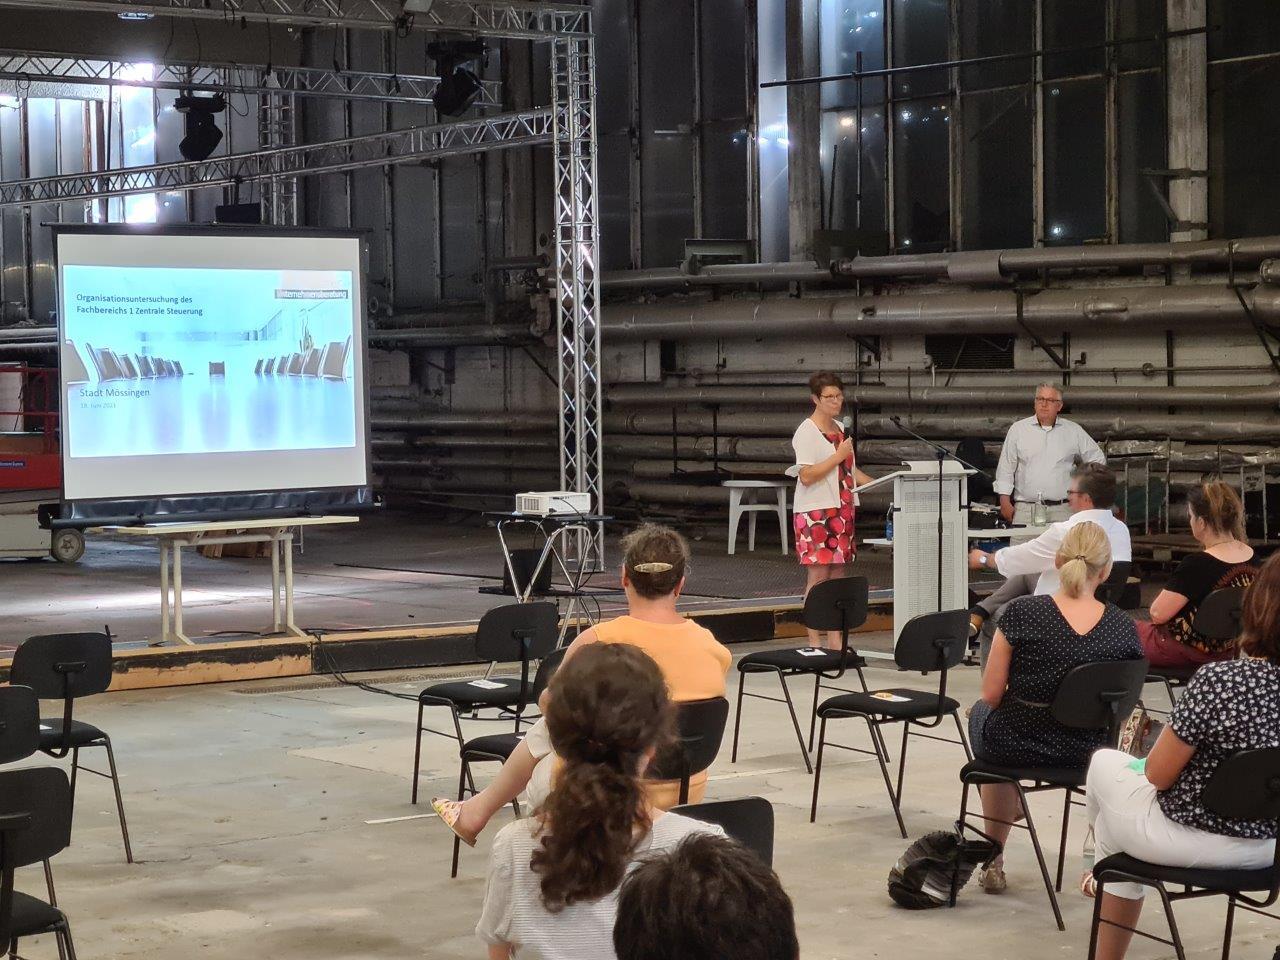 Organisationsuntersuchung des Fachbereichs 1 der Stadt Mössingen gestartet